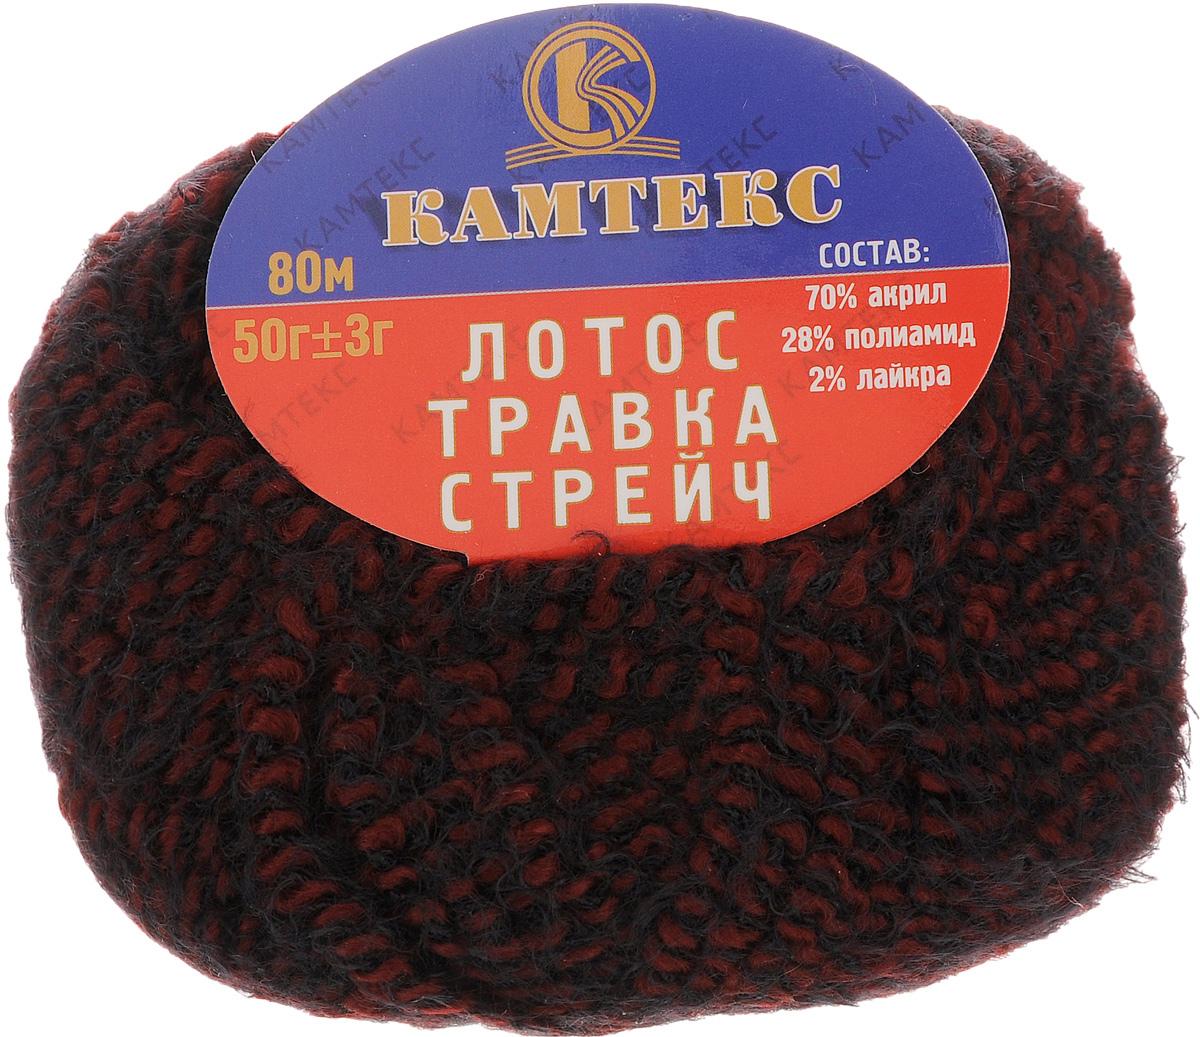 Пряжа для вязания Камтекс Лотос травка стрейч, цвет: бордовый, черный (251), 80 м, 50 г, 10 шт136081_251Пряжа для вязания Камтекс Лотос травка стрейч имеет интересный и необычный состав: 70% акрил, 28% полиамид, 2% лайкра. Акрил отвечает за мягкость, полиамид за прочность и формоустойчивость, а лайкра делает полотно необыкновенно эластичным. Эта волшебная плюшевая ниточка удивляет своей мягкостью, вяжется очень просто и быстро, ворсинки не путаются. Из этой пряжи получатся замечательные мягкие игрушки, которые будут не только приятны, но и абсолютно безопасны для маленьких детей. А яркие и сочные оттенки подарят ребенку радость и хорошее настроение. Рекомендуемый размер крючка и спиц: №3-6. Состав: 70% акрил, 28% полиамид, 2% лайкра.